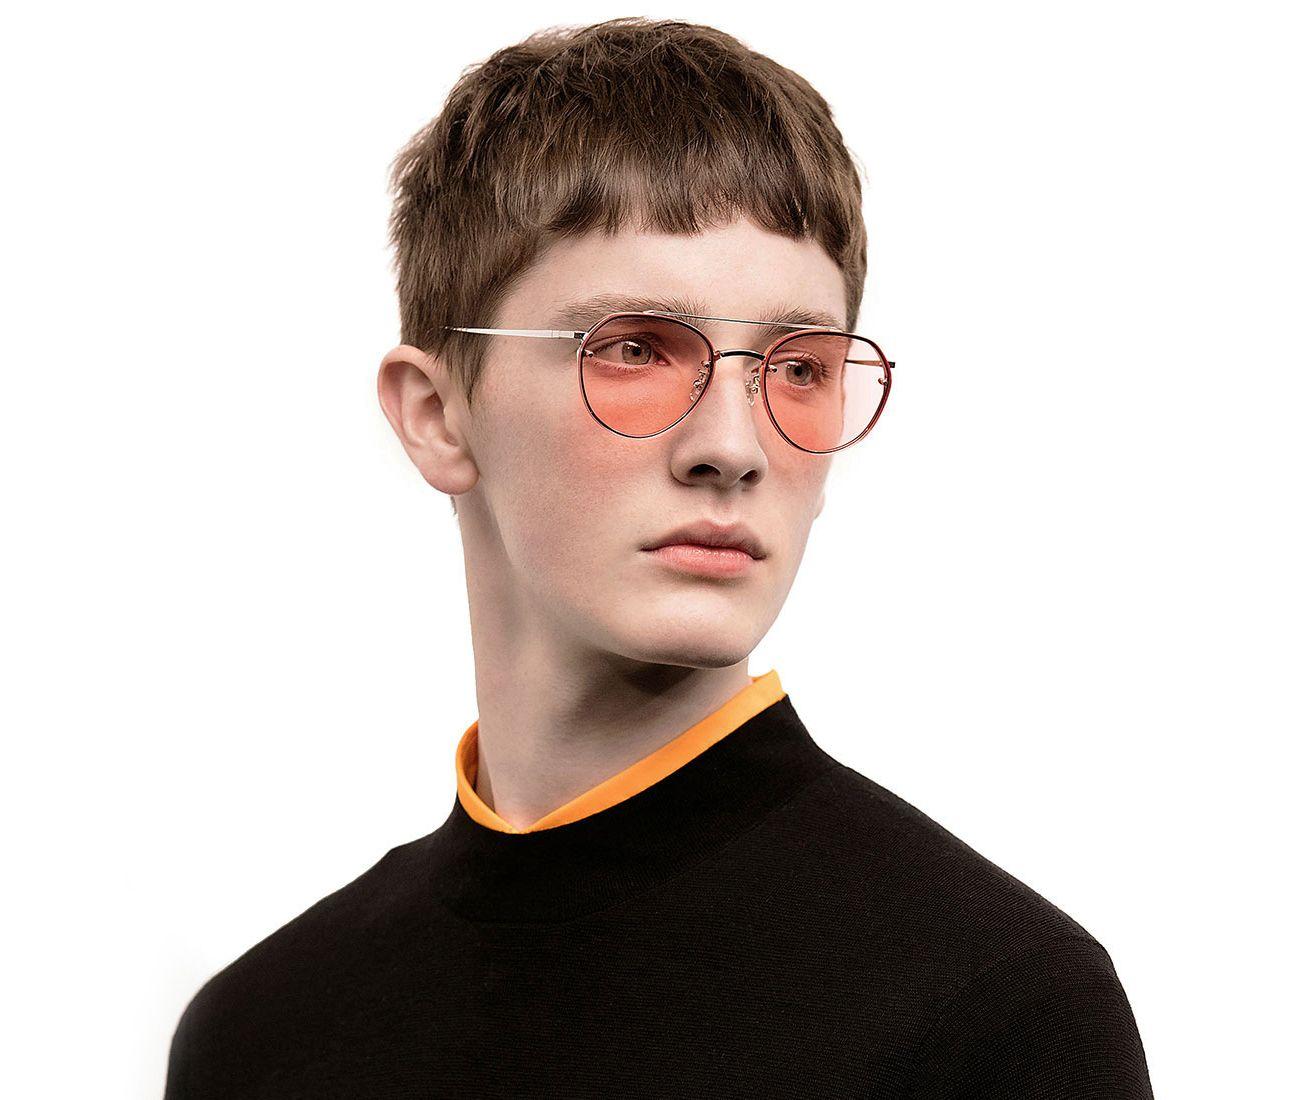 4854e69b908d3 GENTLE MONSTER - DEBBY 02(P) Sunglasses 2016